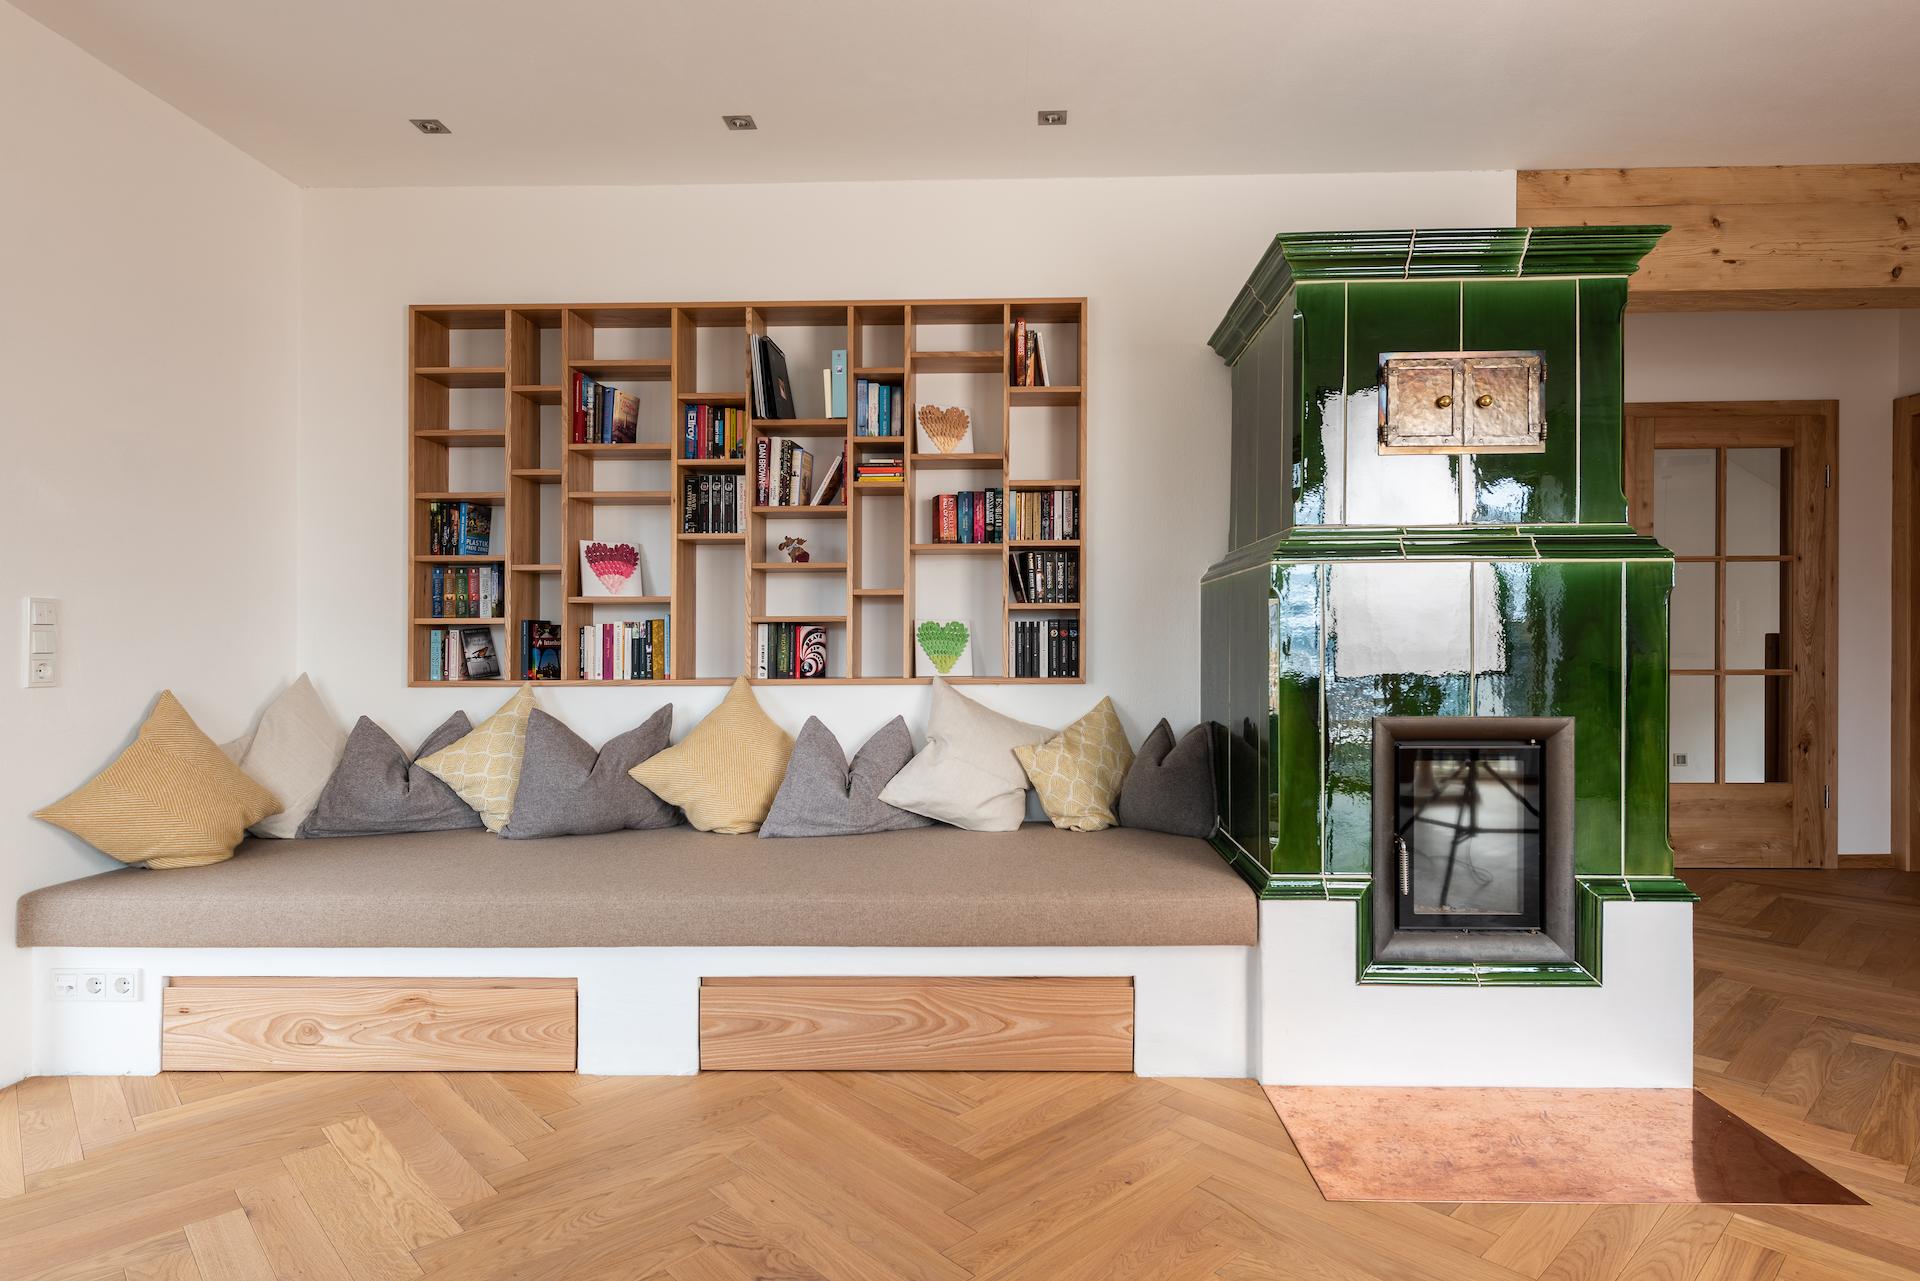 Ein Haus, in dem jeder gerne wohnen möchte